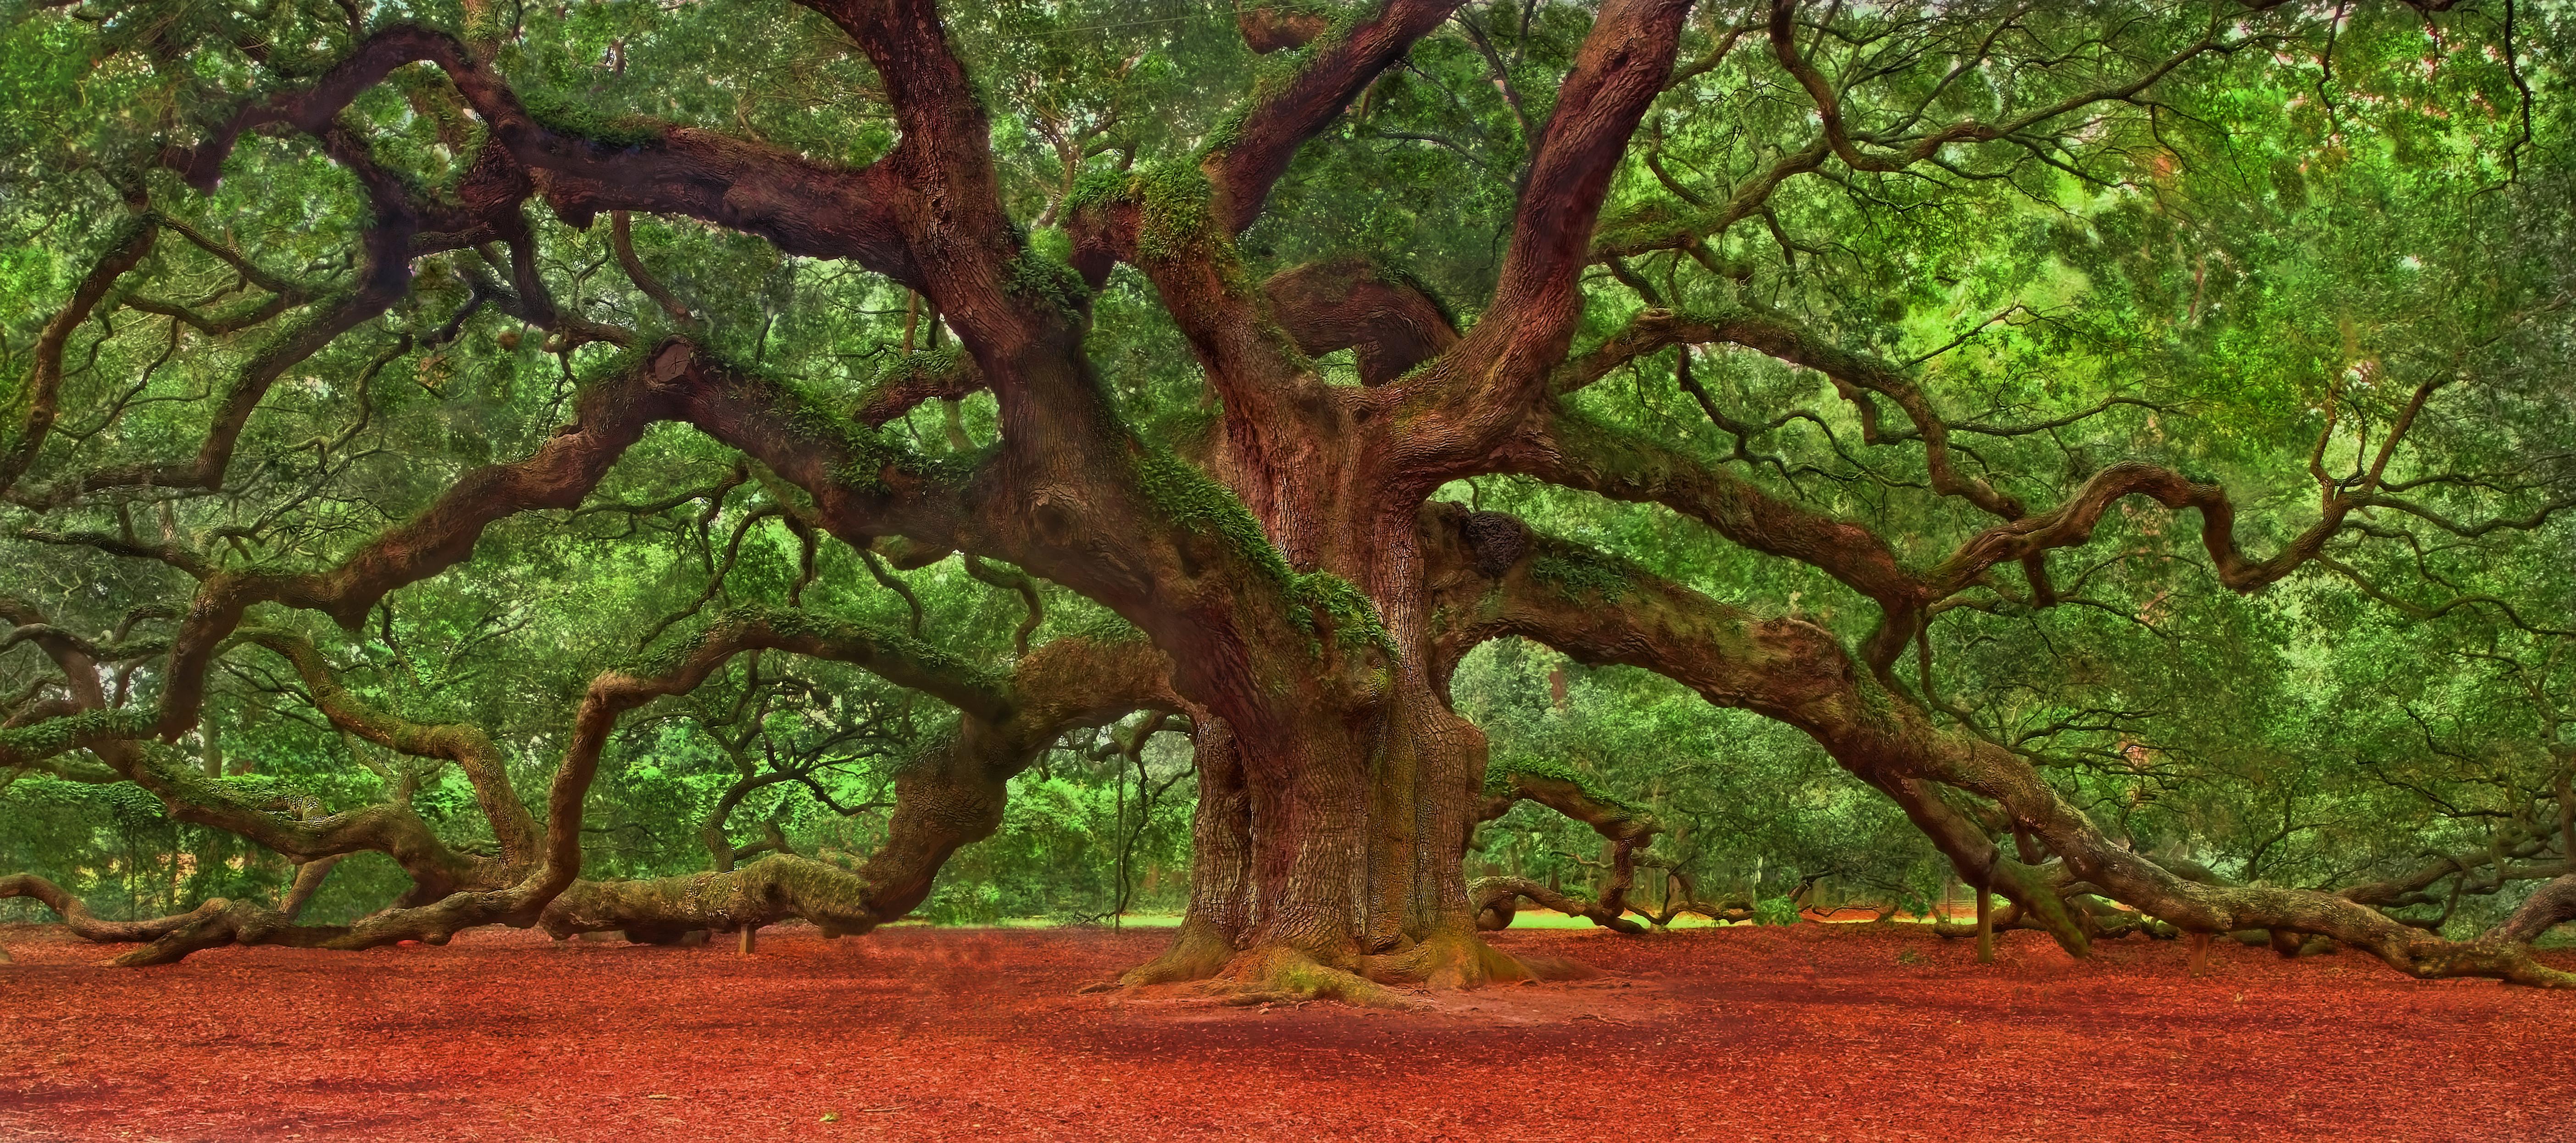 Angel Oak Tree Wallpapers WallpapersIn4knet 5616x2492